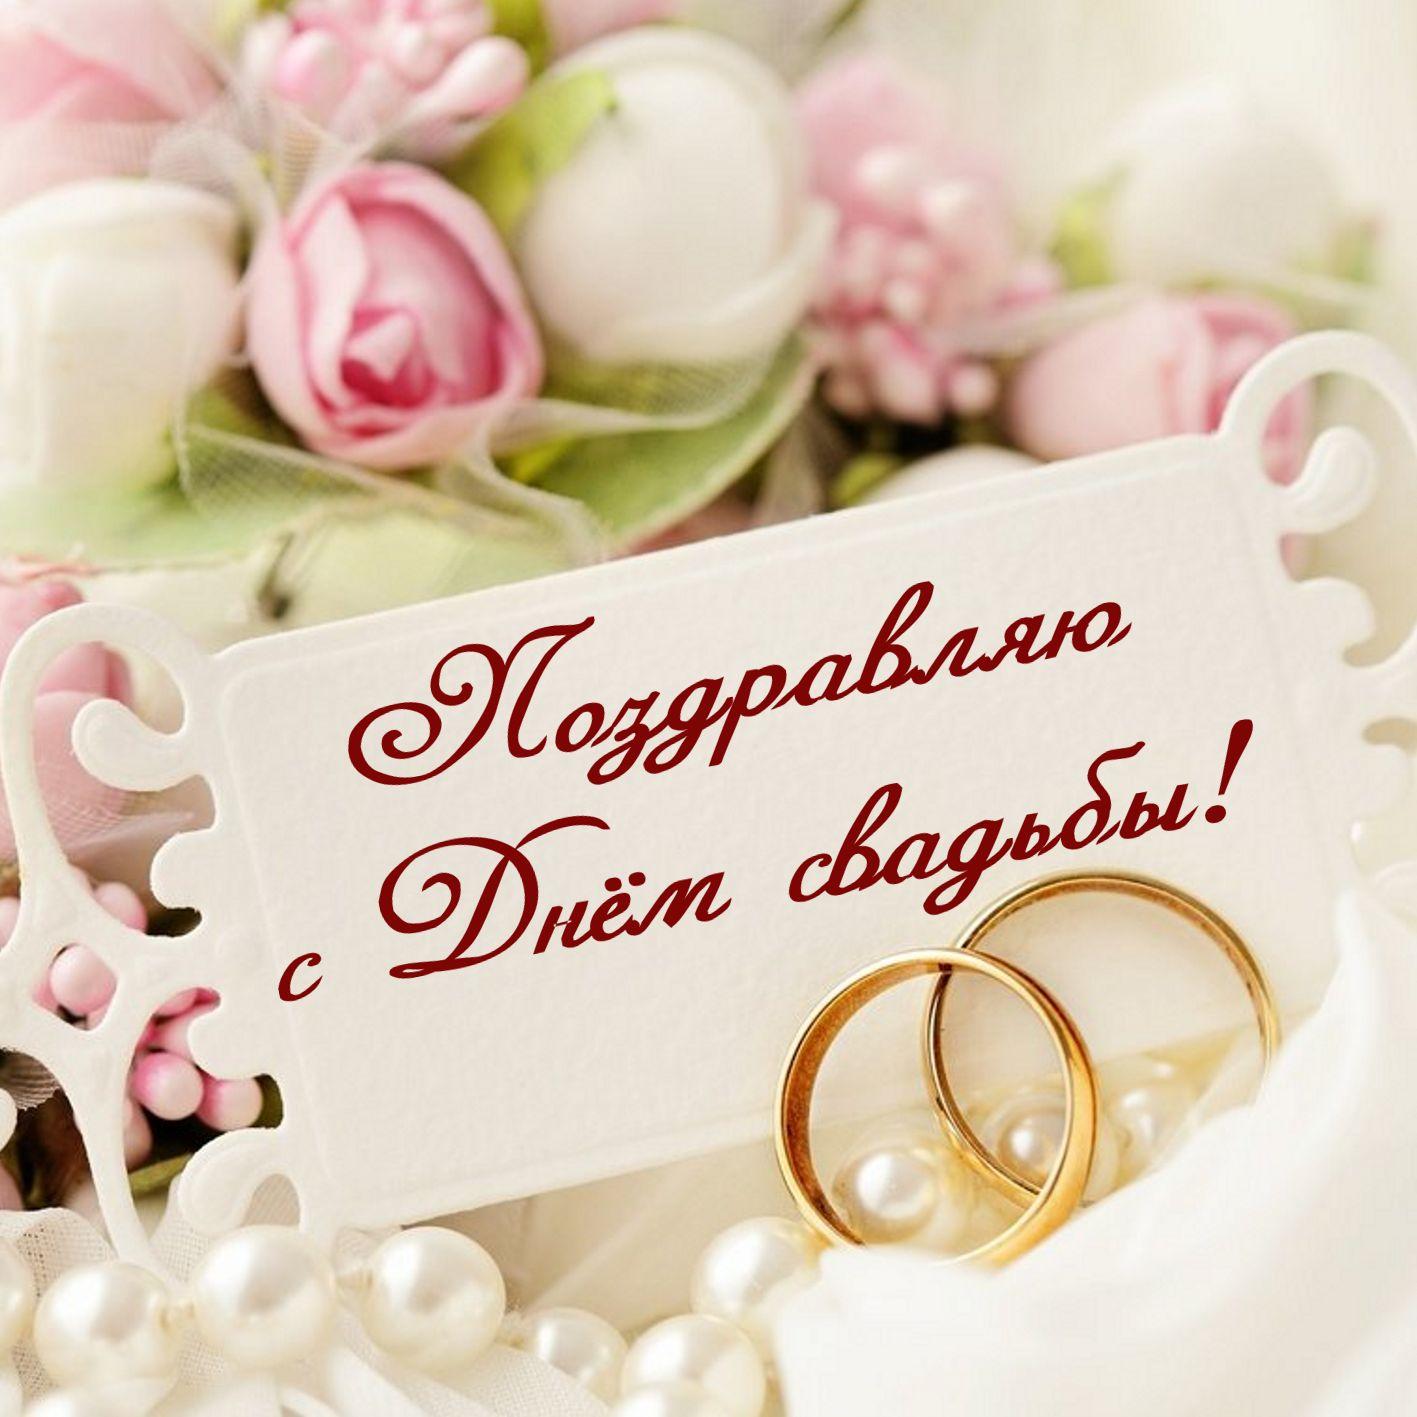 Клипы на свадьбу поздравления из открыток, скорби умершему